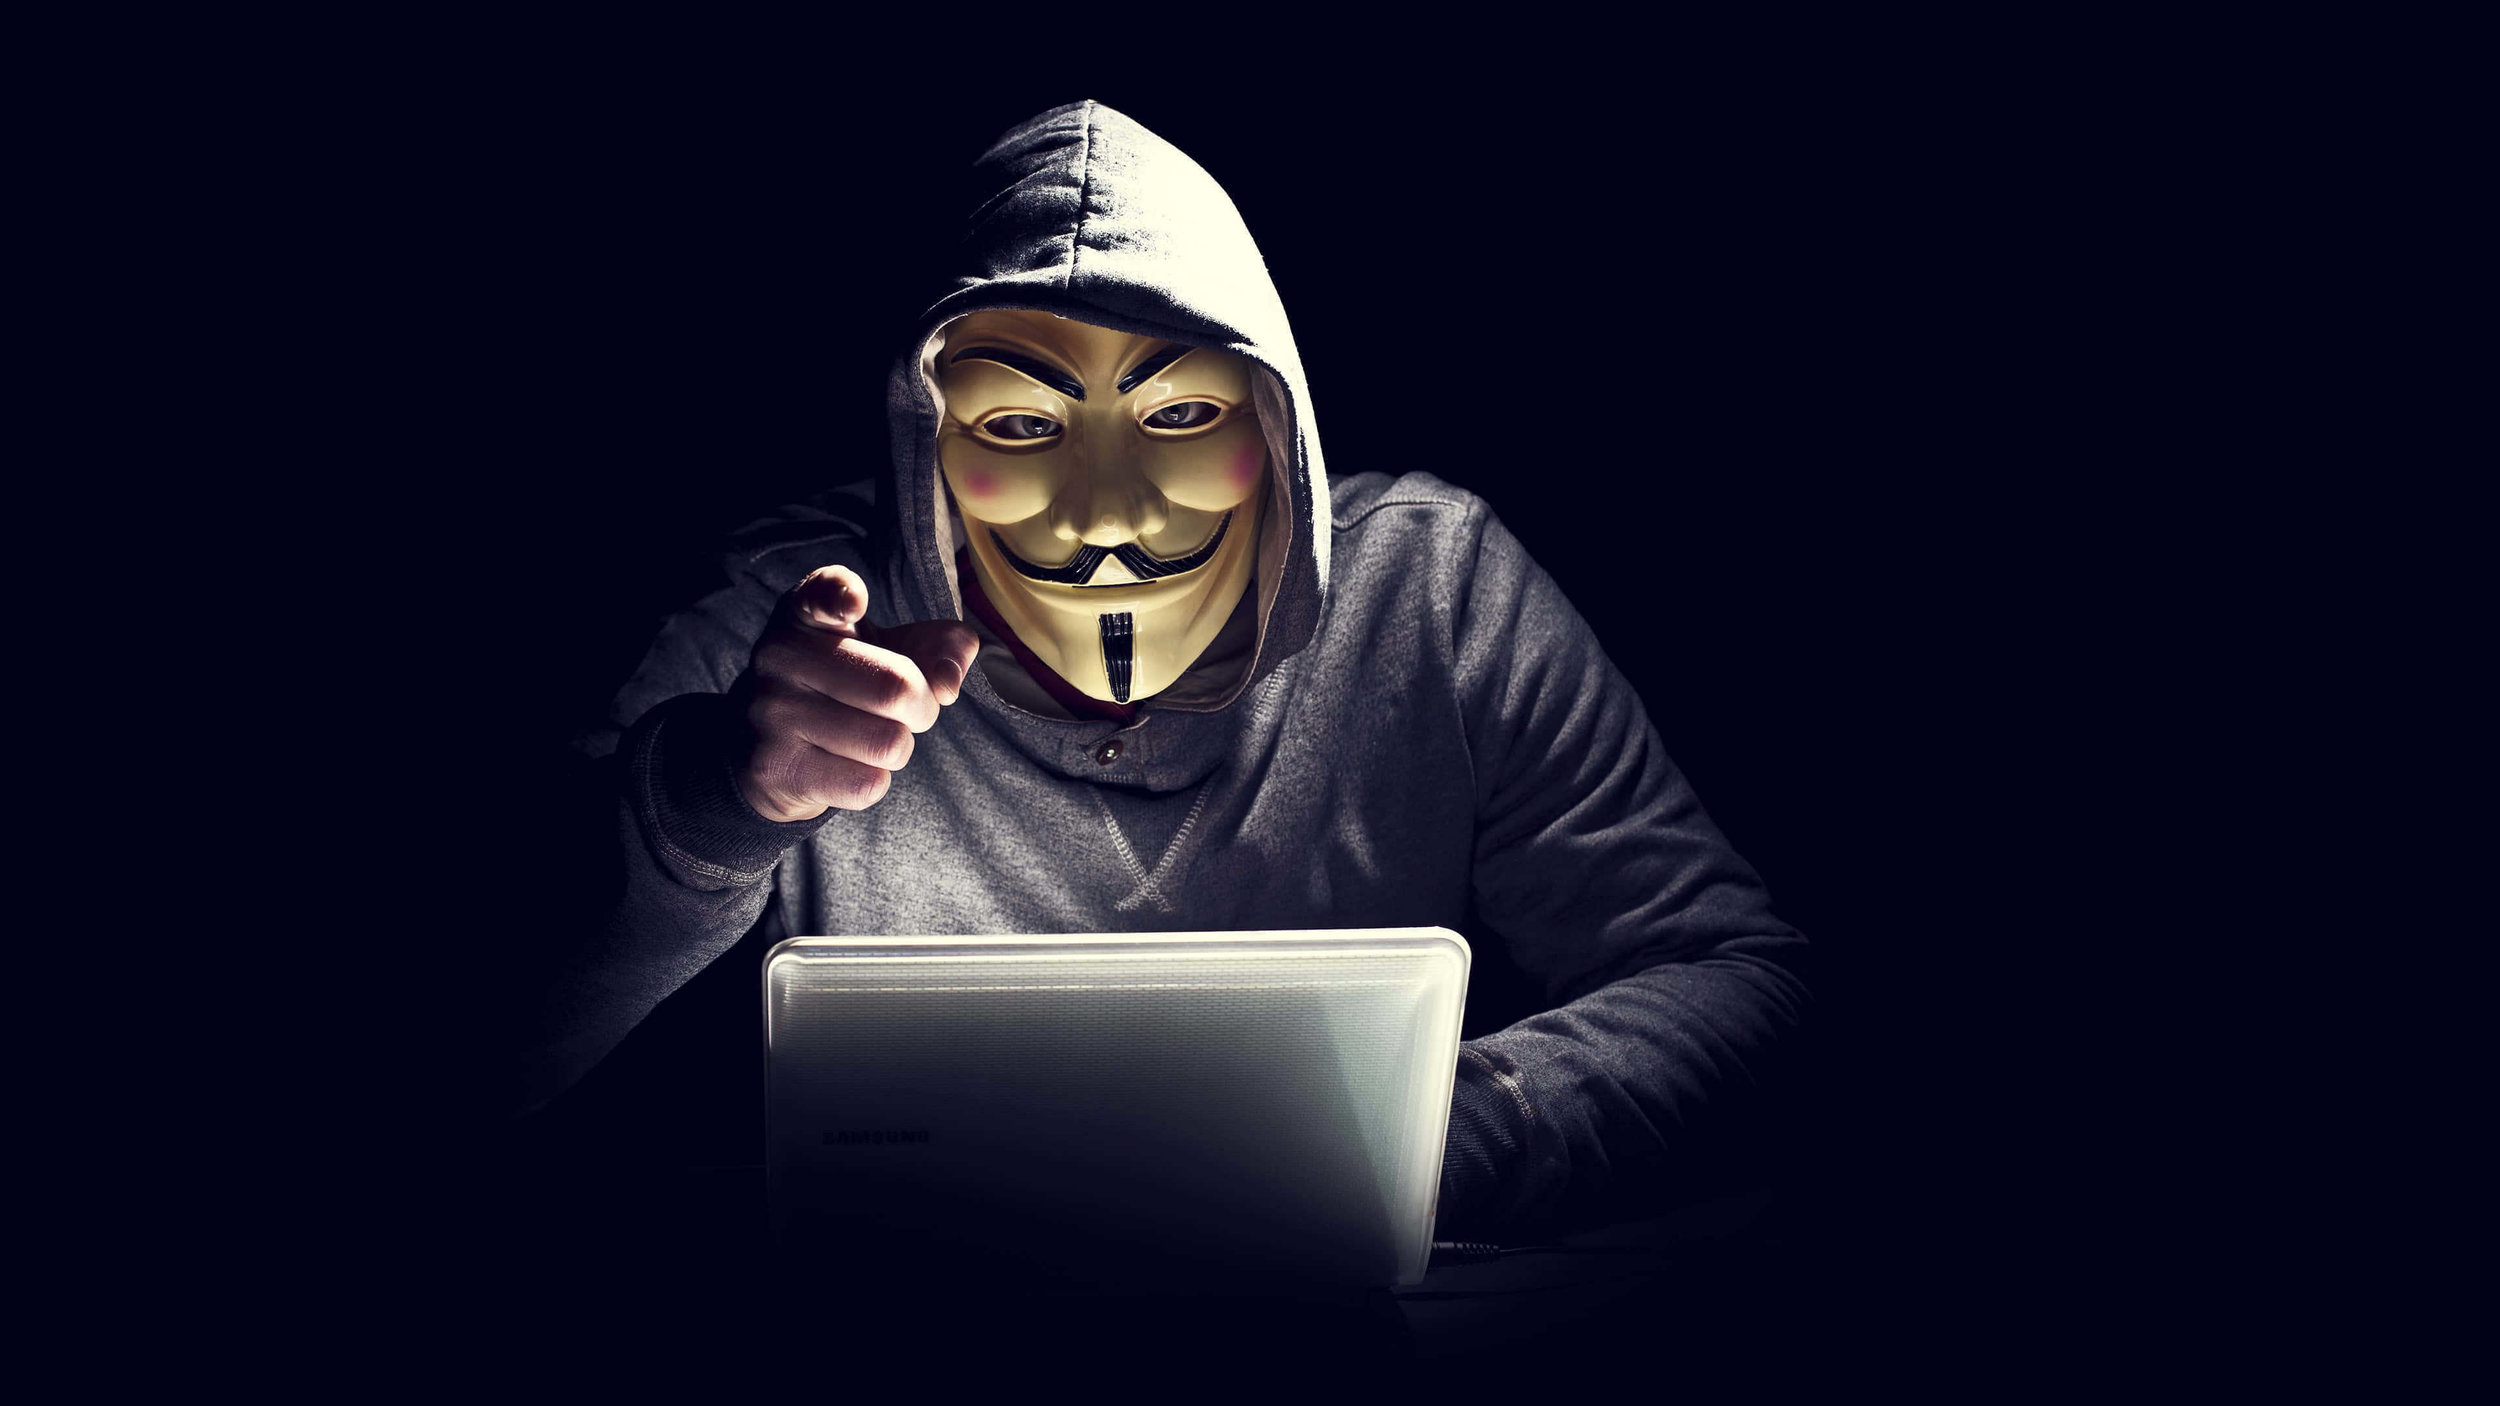 anonymous-hacker-uhd-4k-wallpaper.jpg